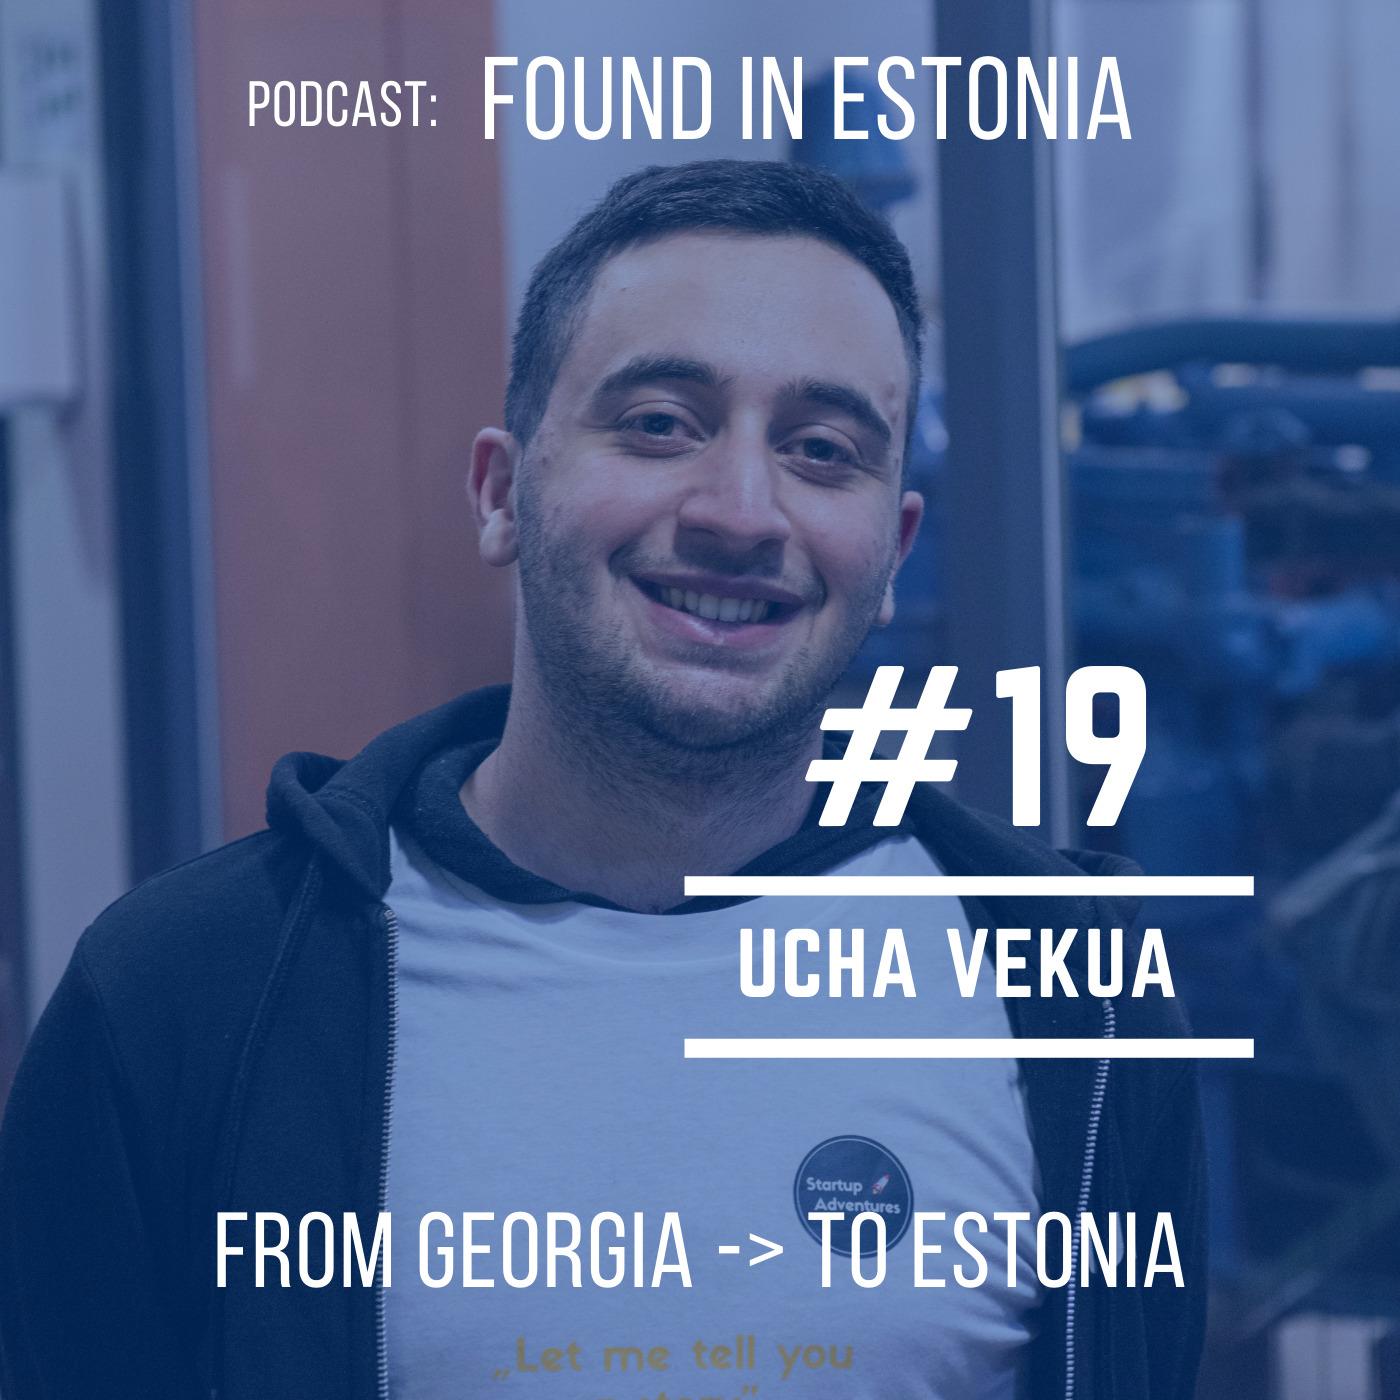 #19 Ucha Vekua from Georgia to Estonia